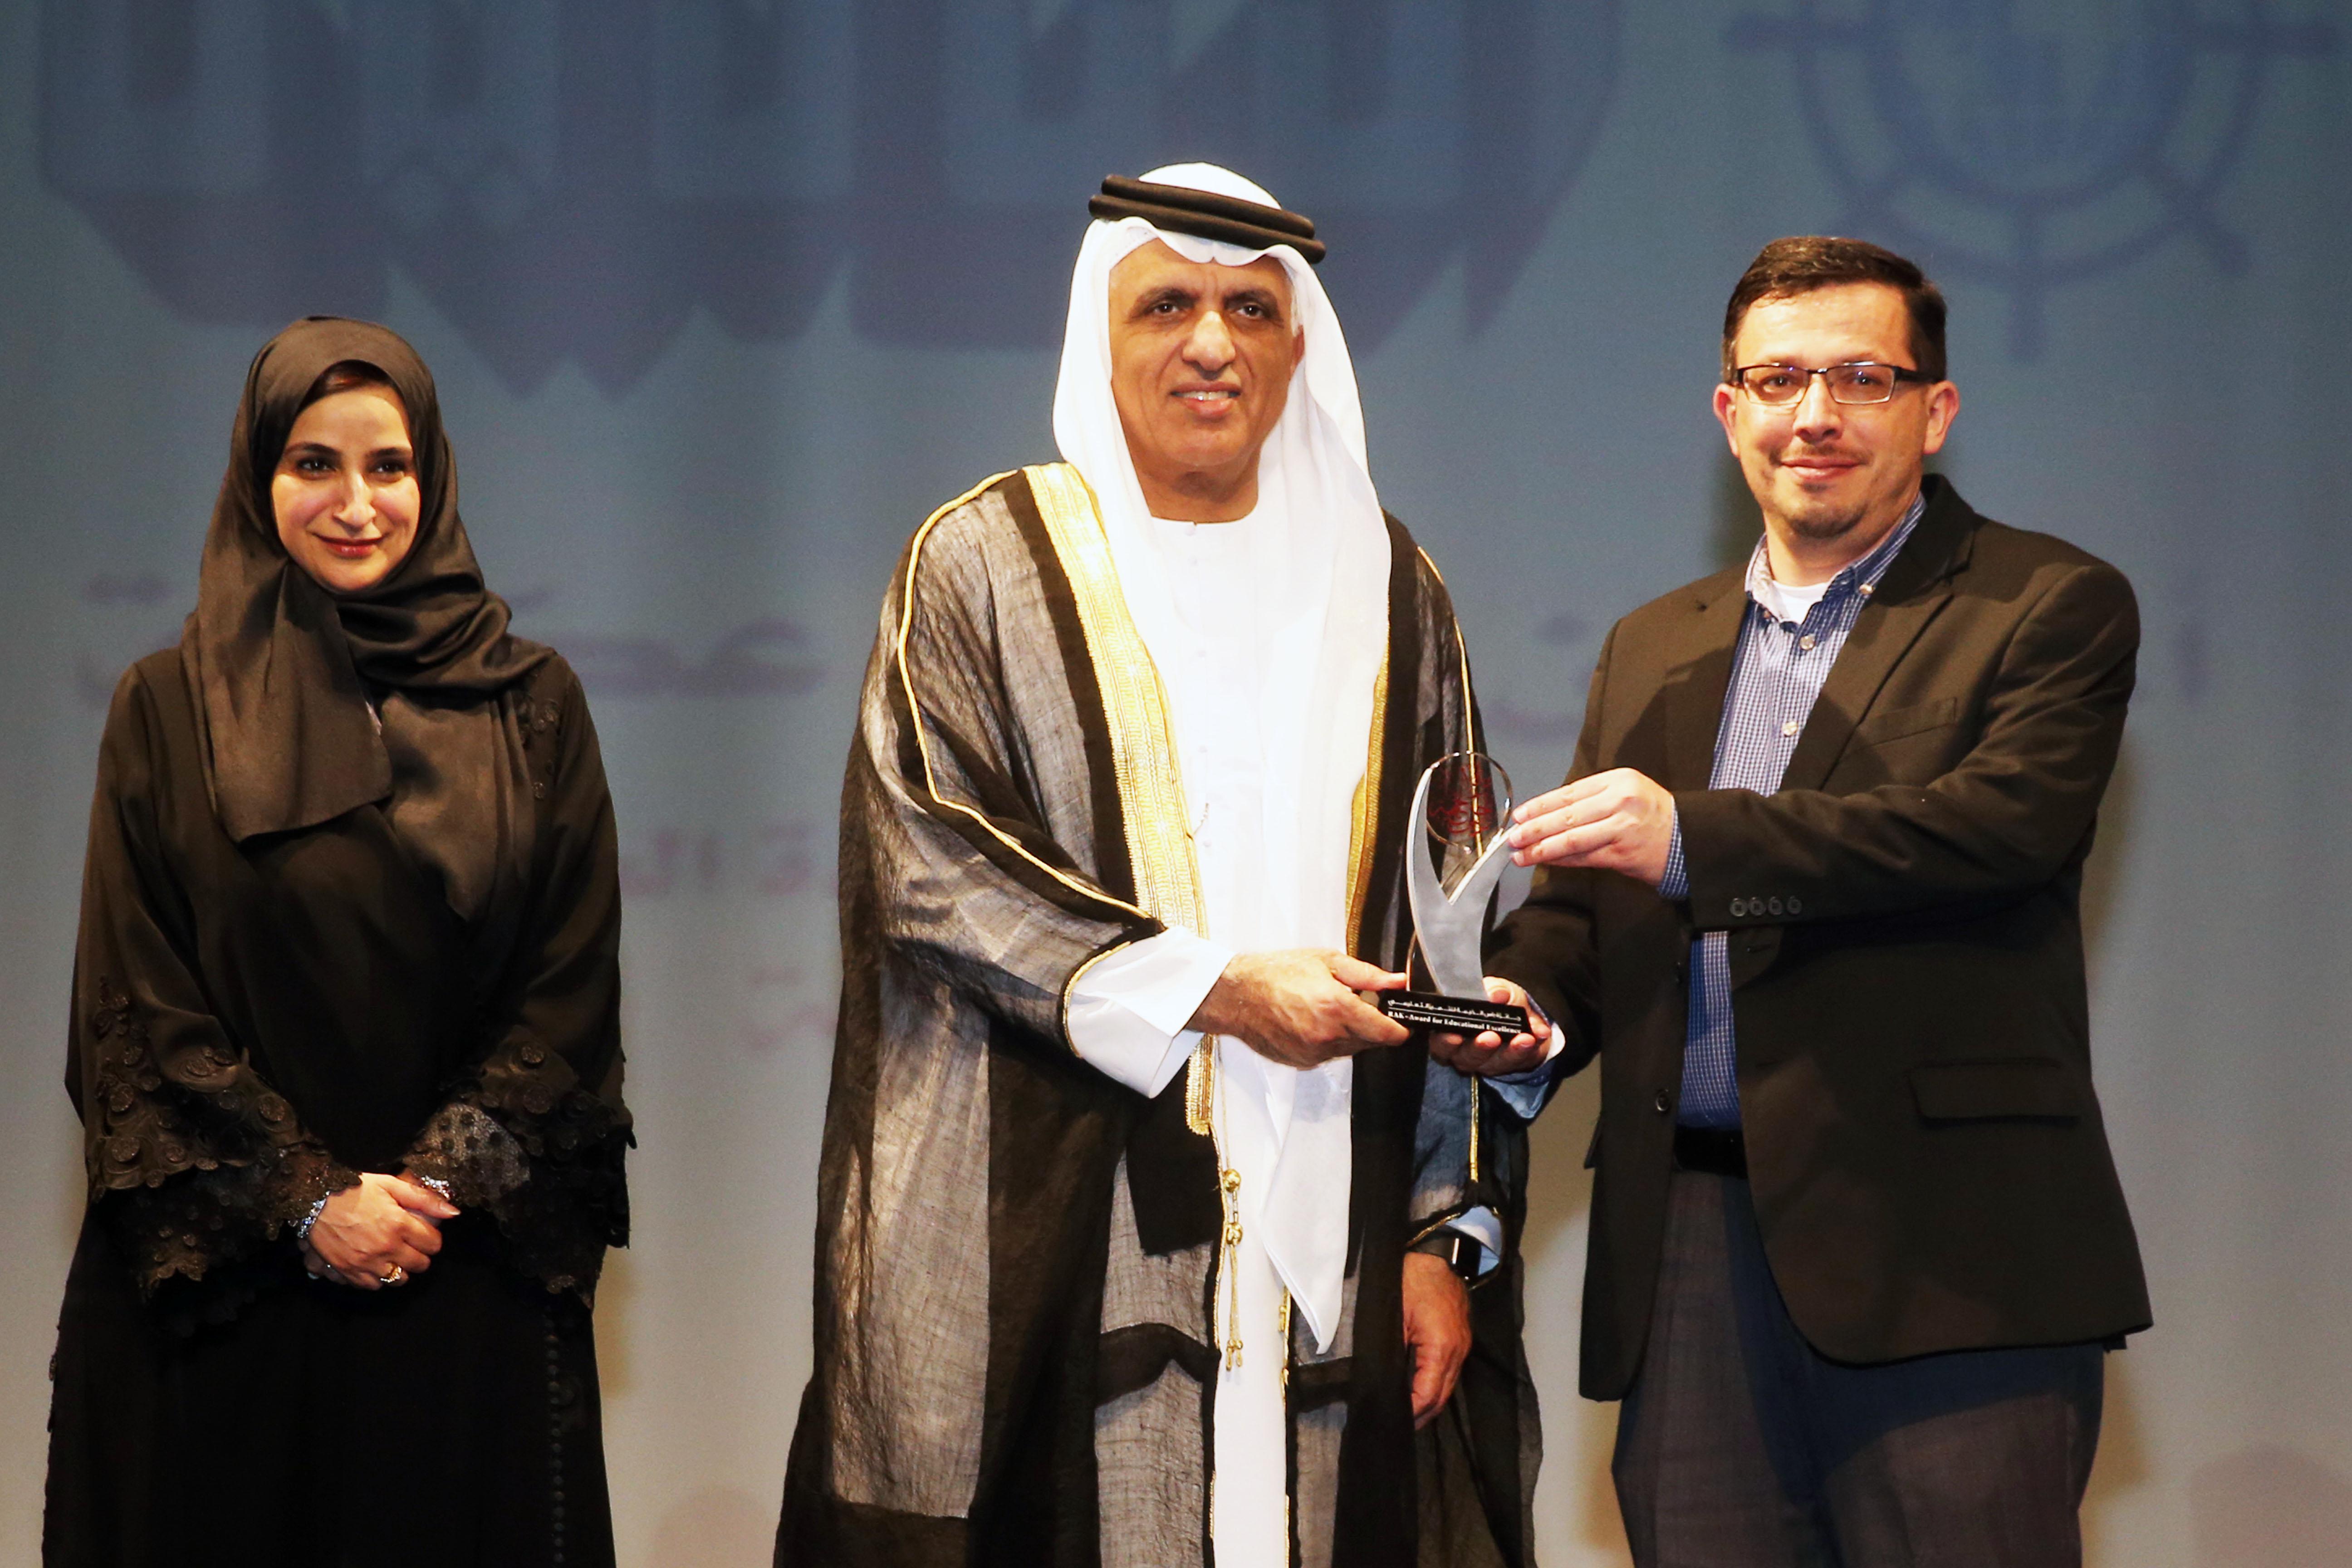 فيلم جائزة رأس الخيمة للتميز التعليمي لدورتها الثانية عشرة 2016